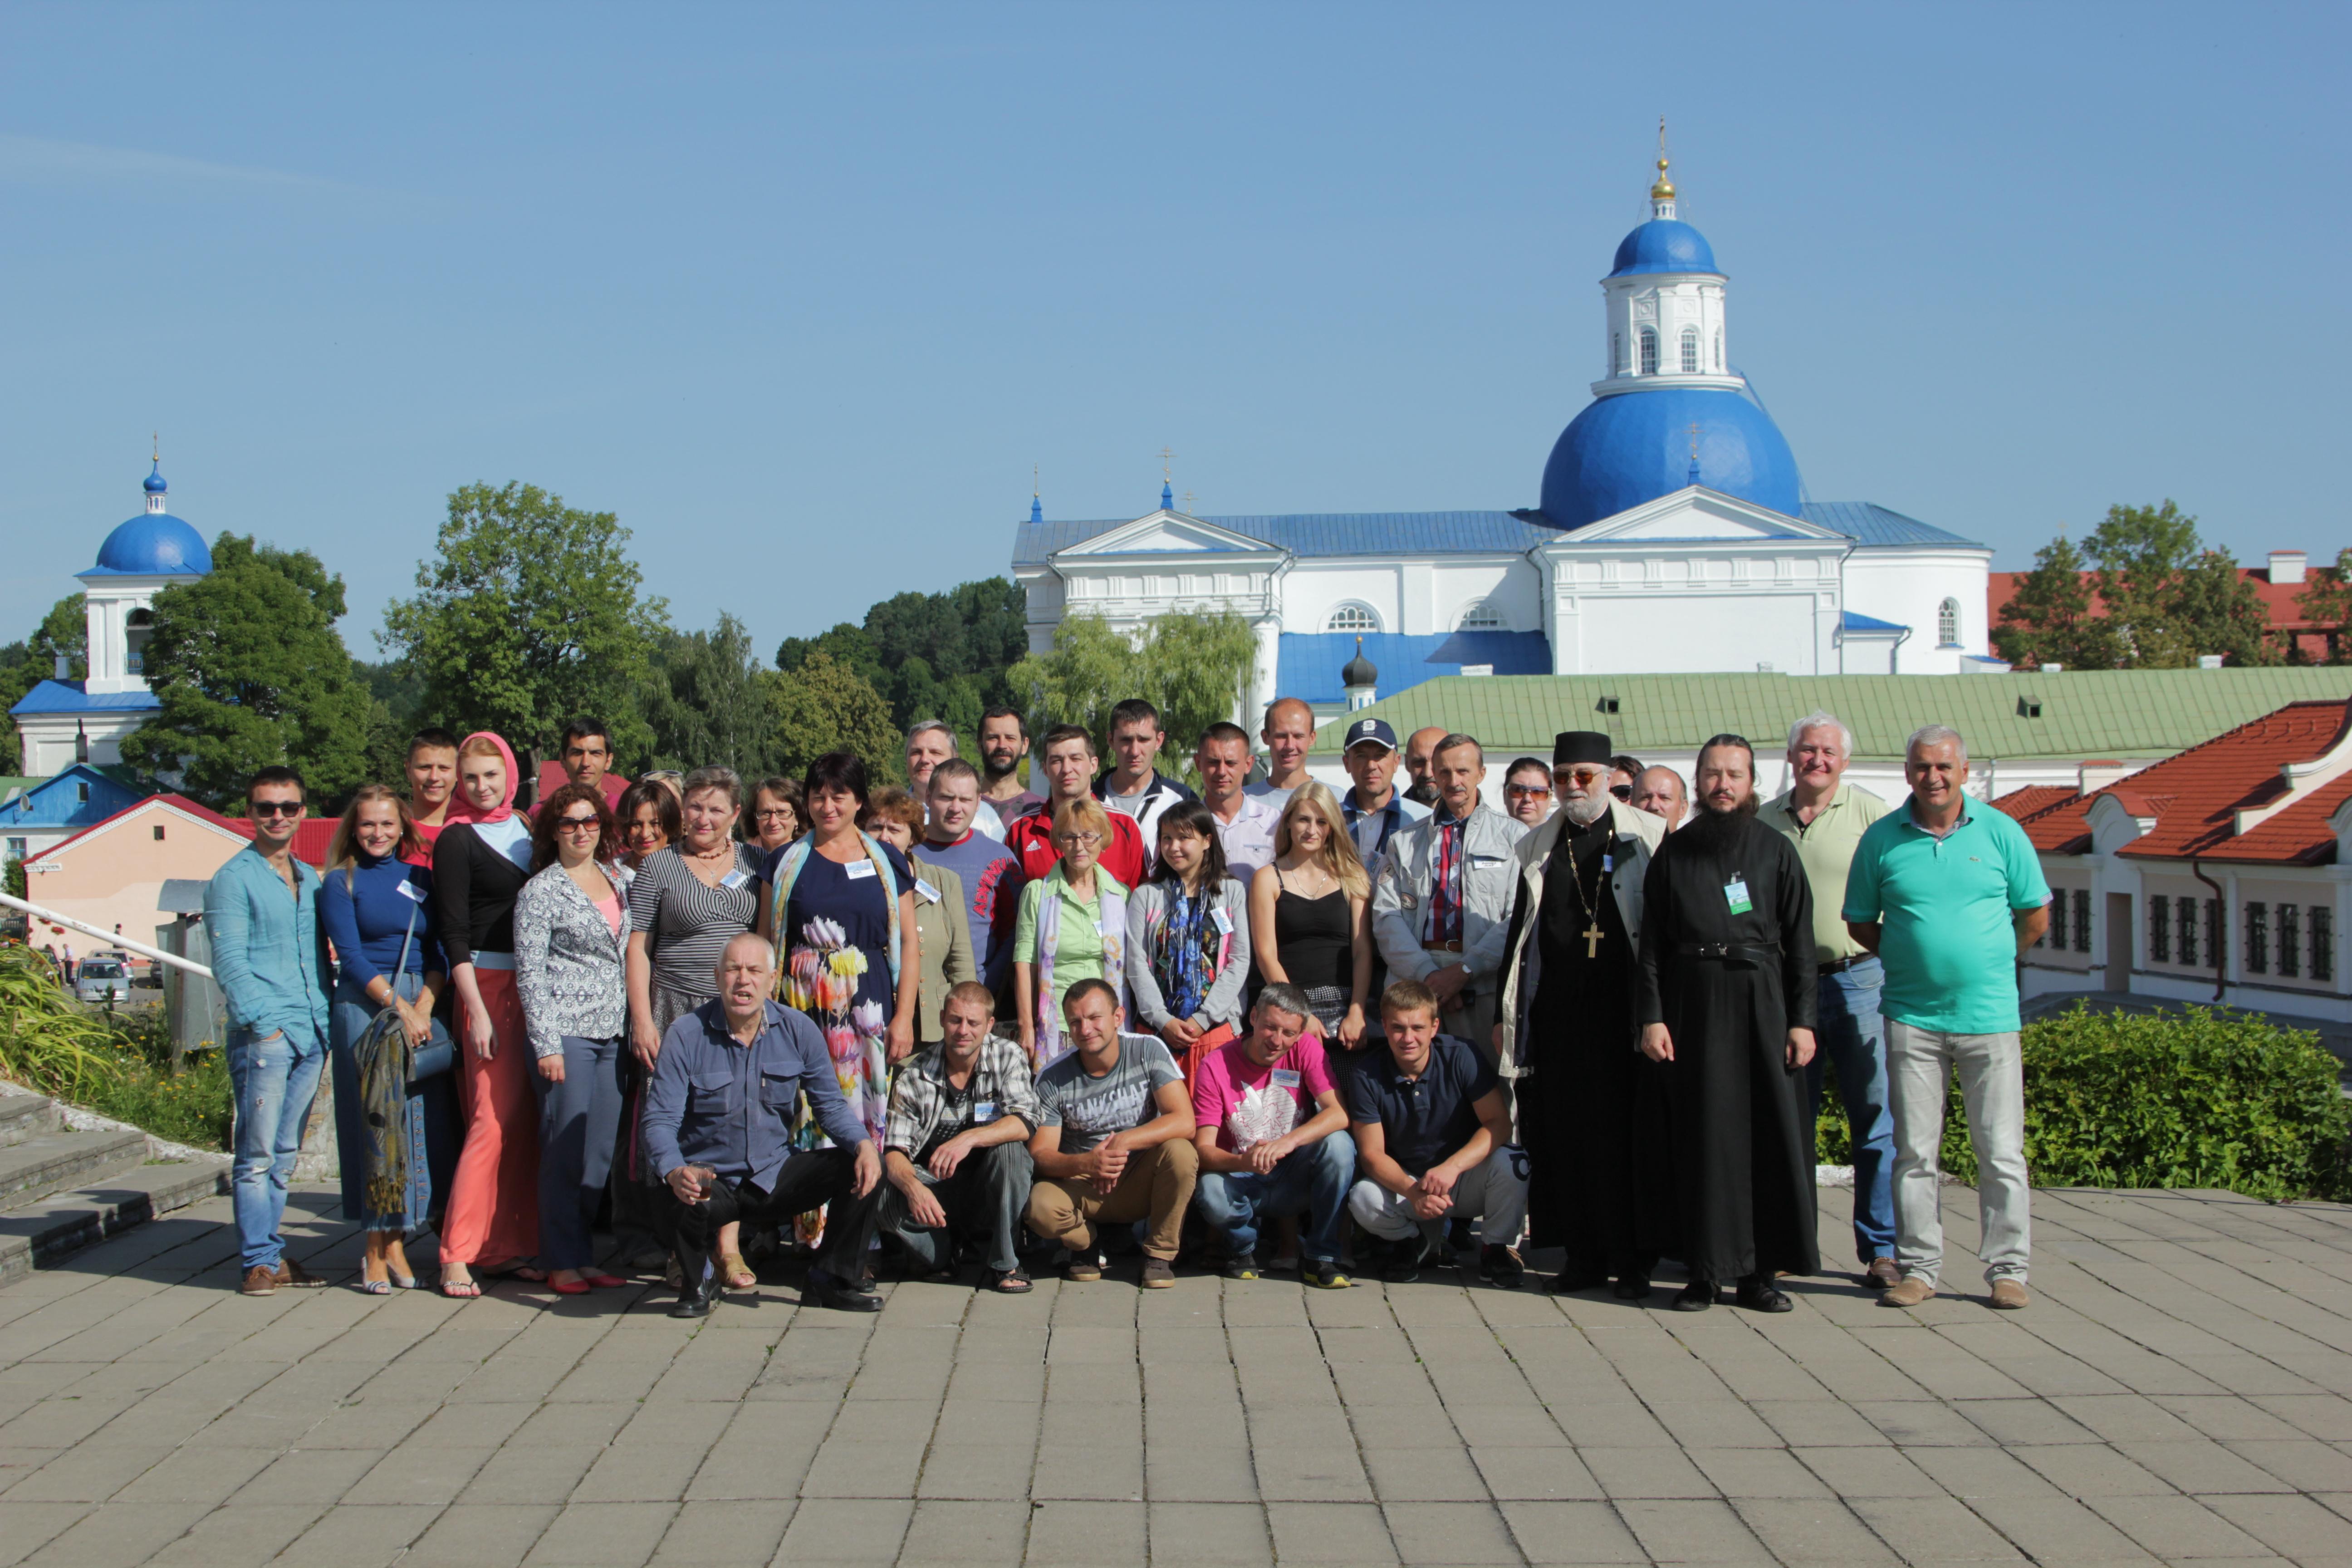 ХХ семинар для  (со)зависимых  и профессионалов помогающих профессий готовят в Жировичах